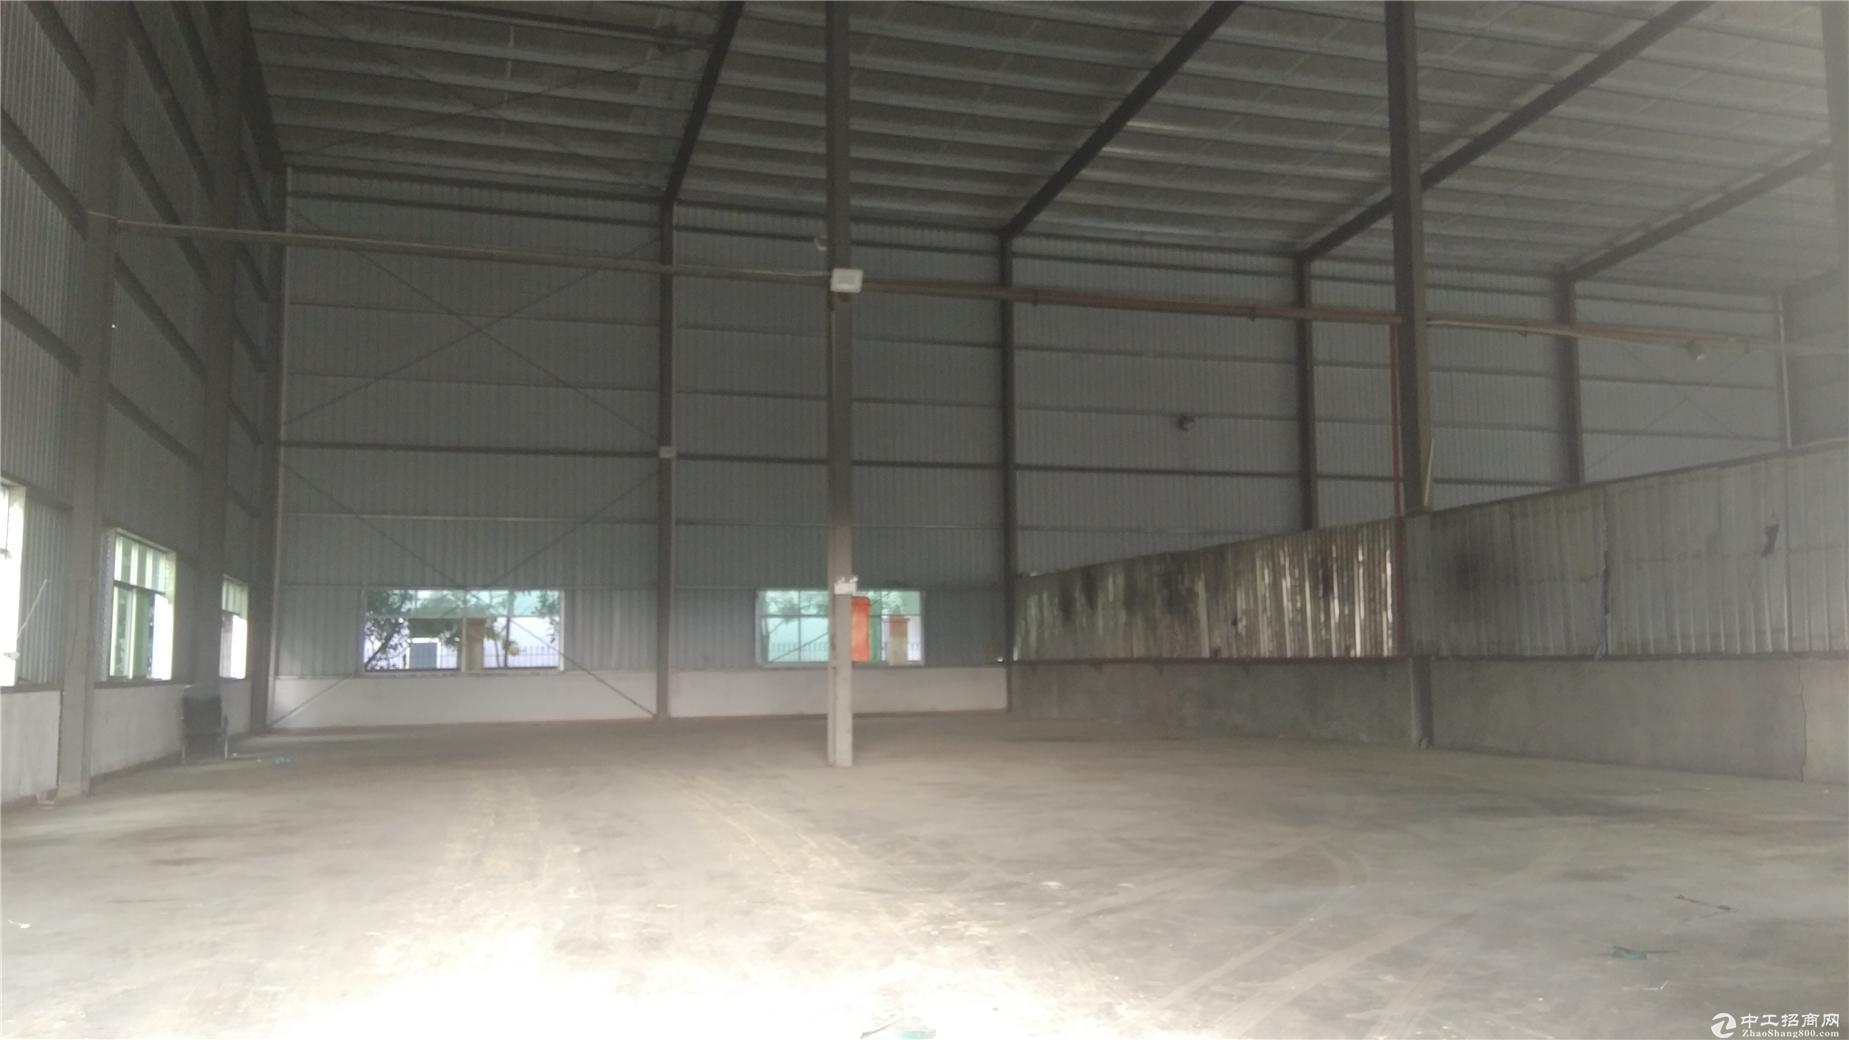 石岩独院招租实用面积适合各种工厂加工仓库快递物流仓储